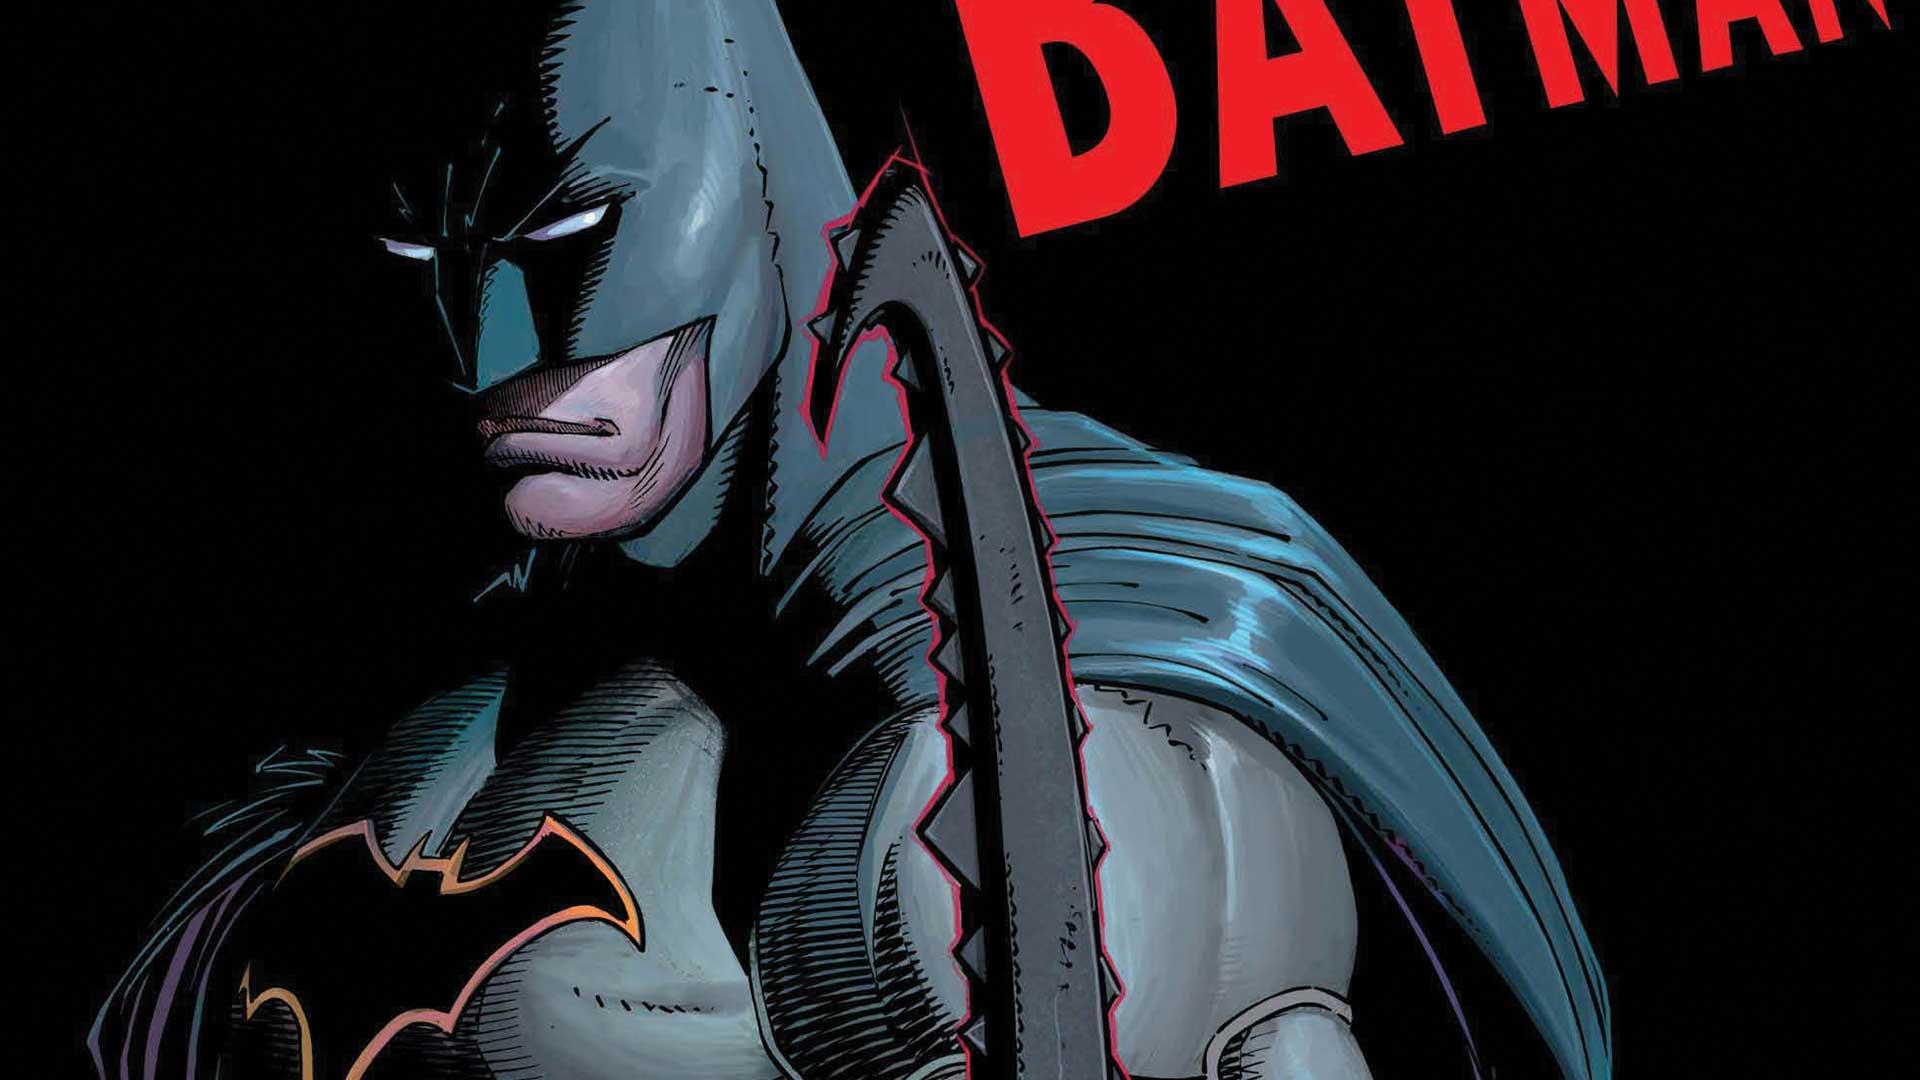 'All-Star Batman' #1 Has Us Road Trippin'